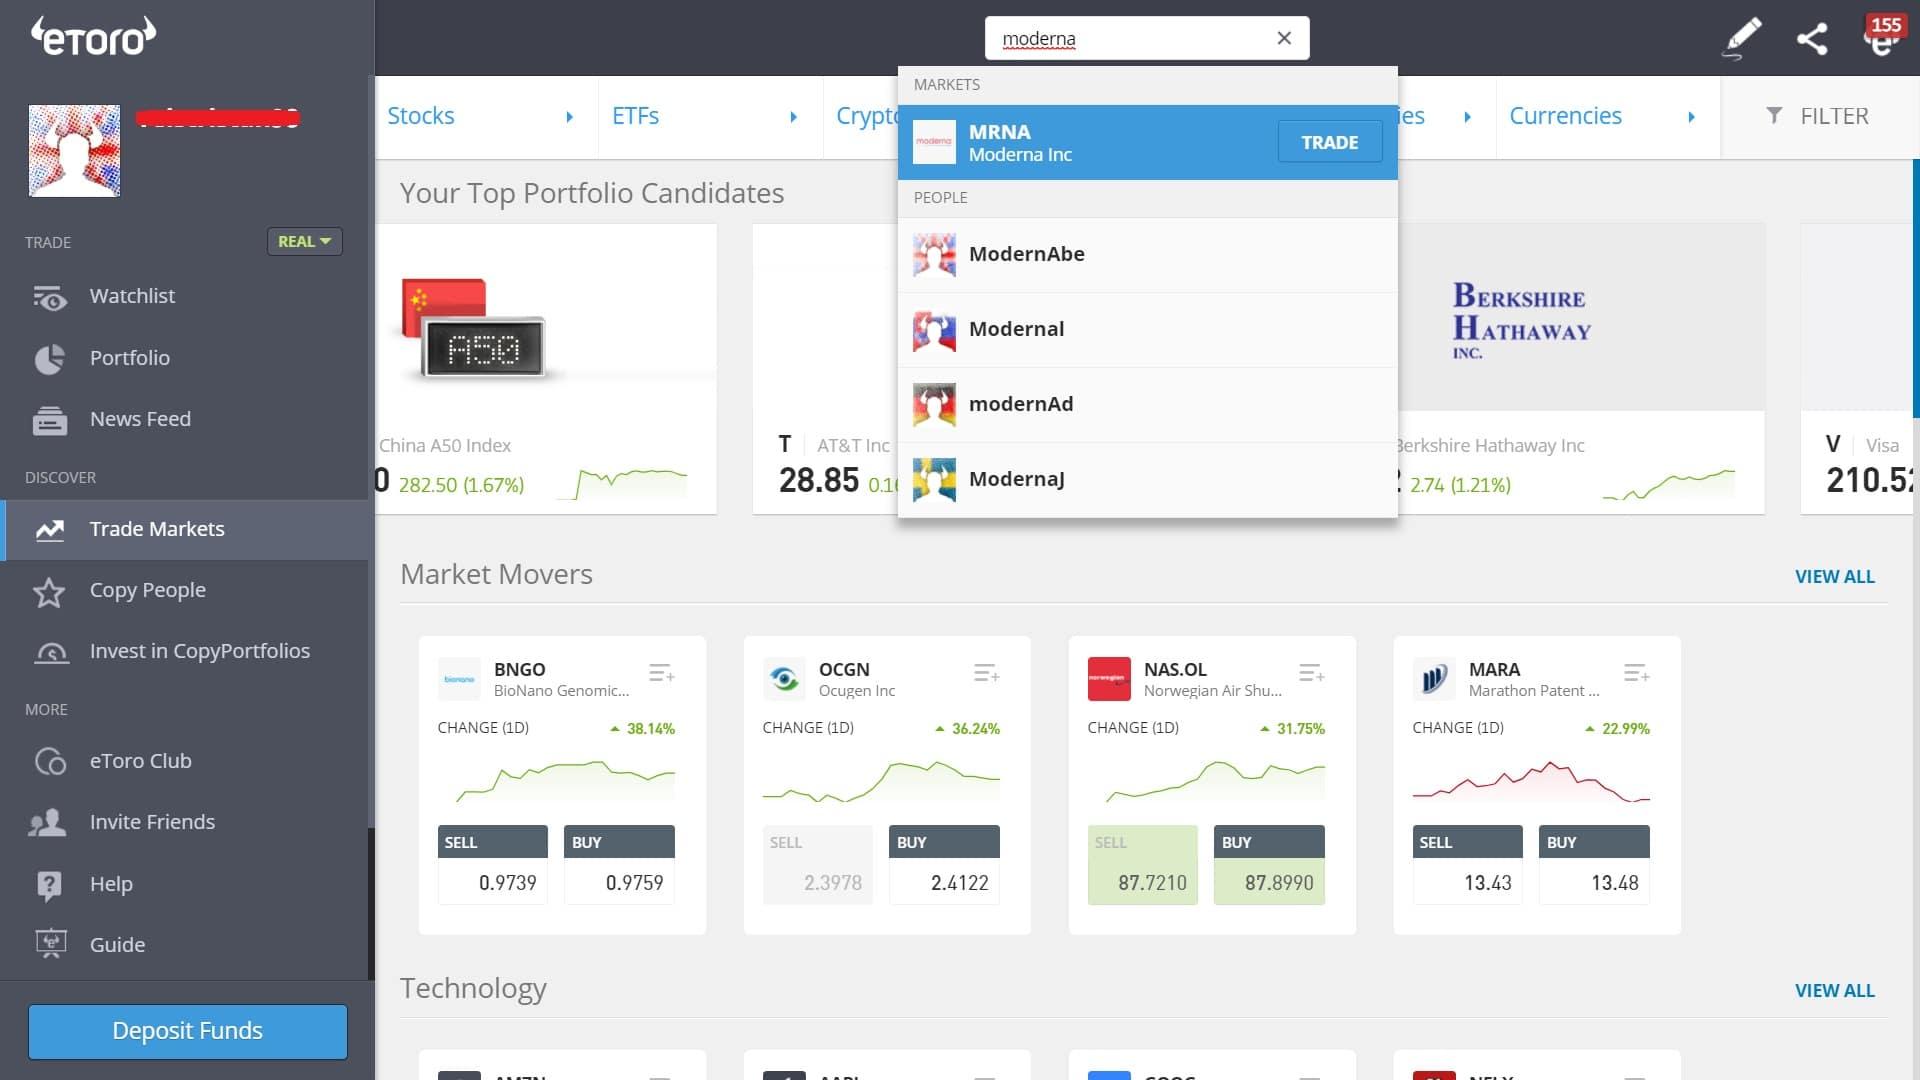 Searching for Moderna stock on eToro's platform